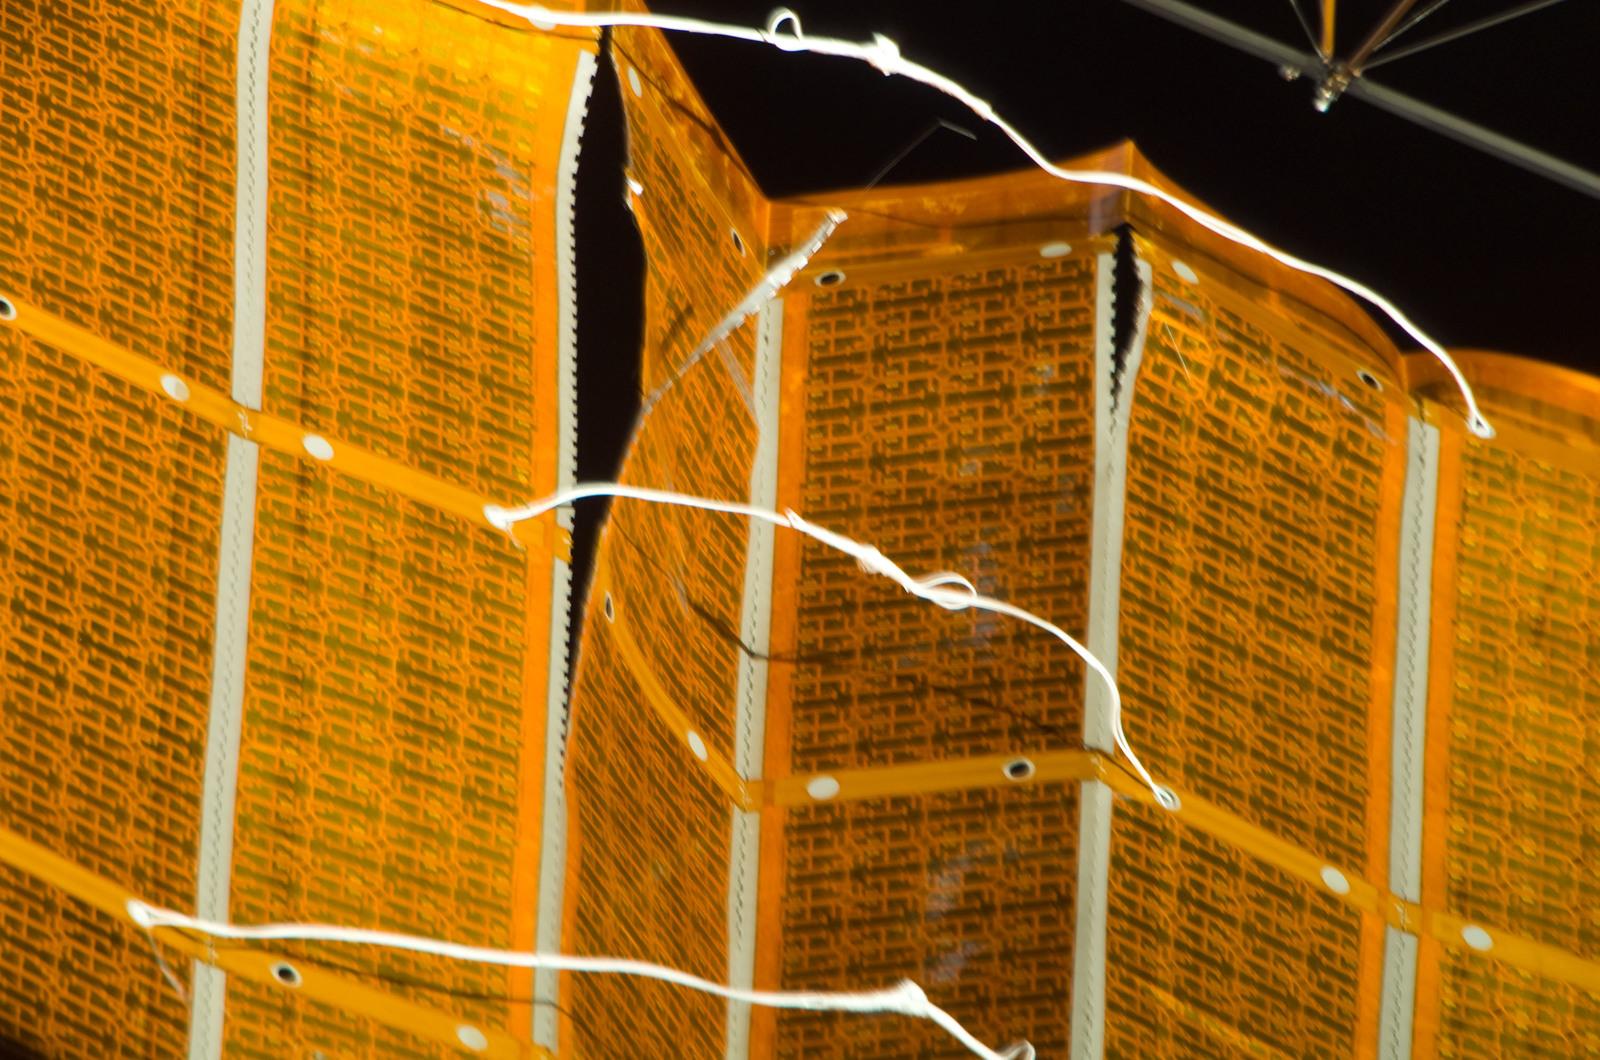 S120E008449 - STS-120 - EVA 4 - P6 4B solar array